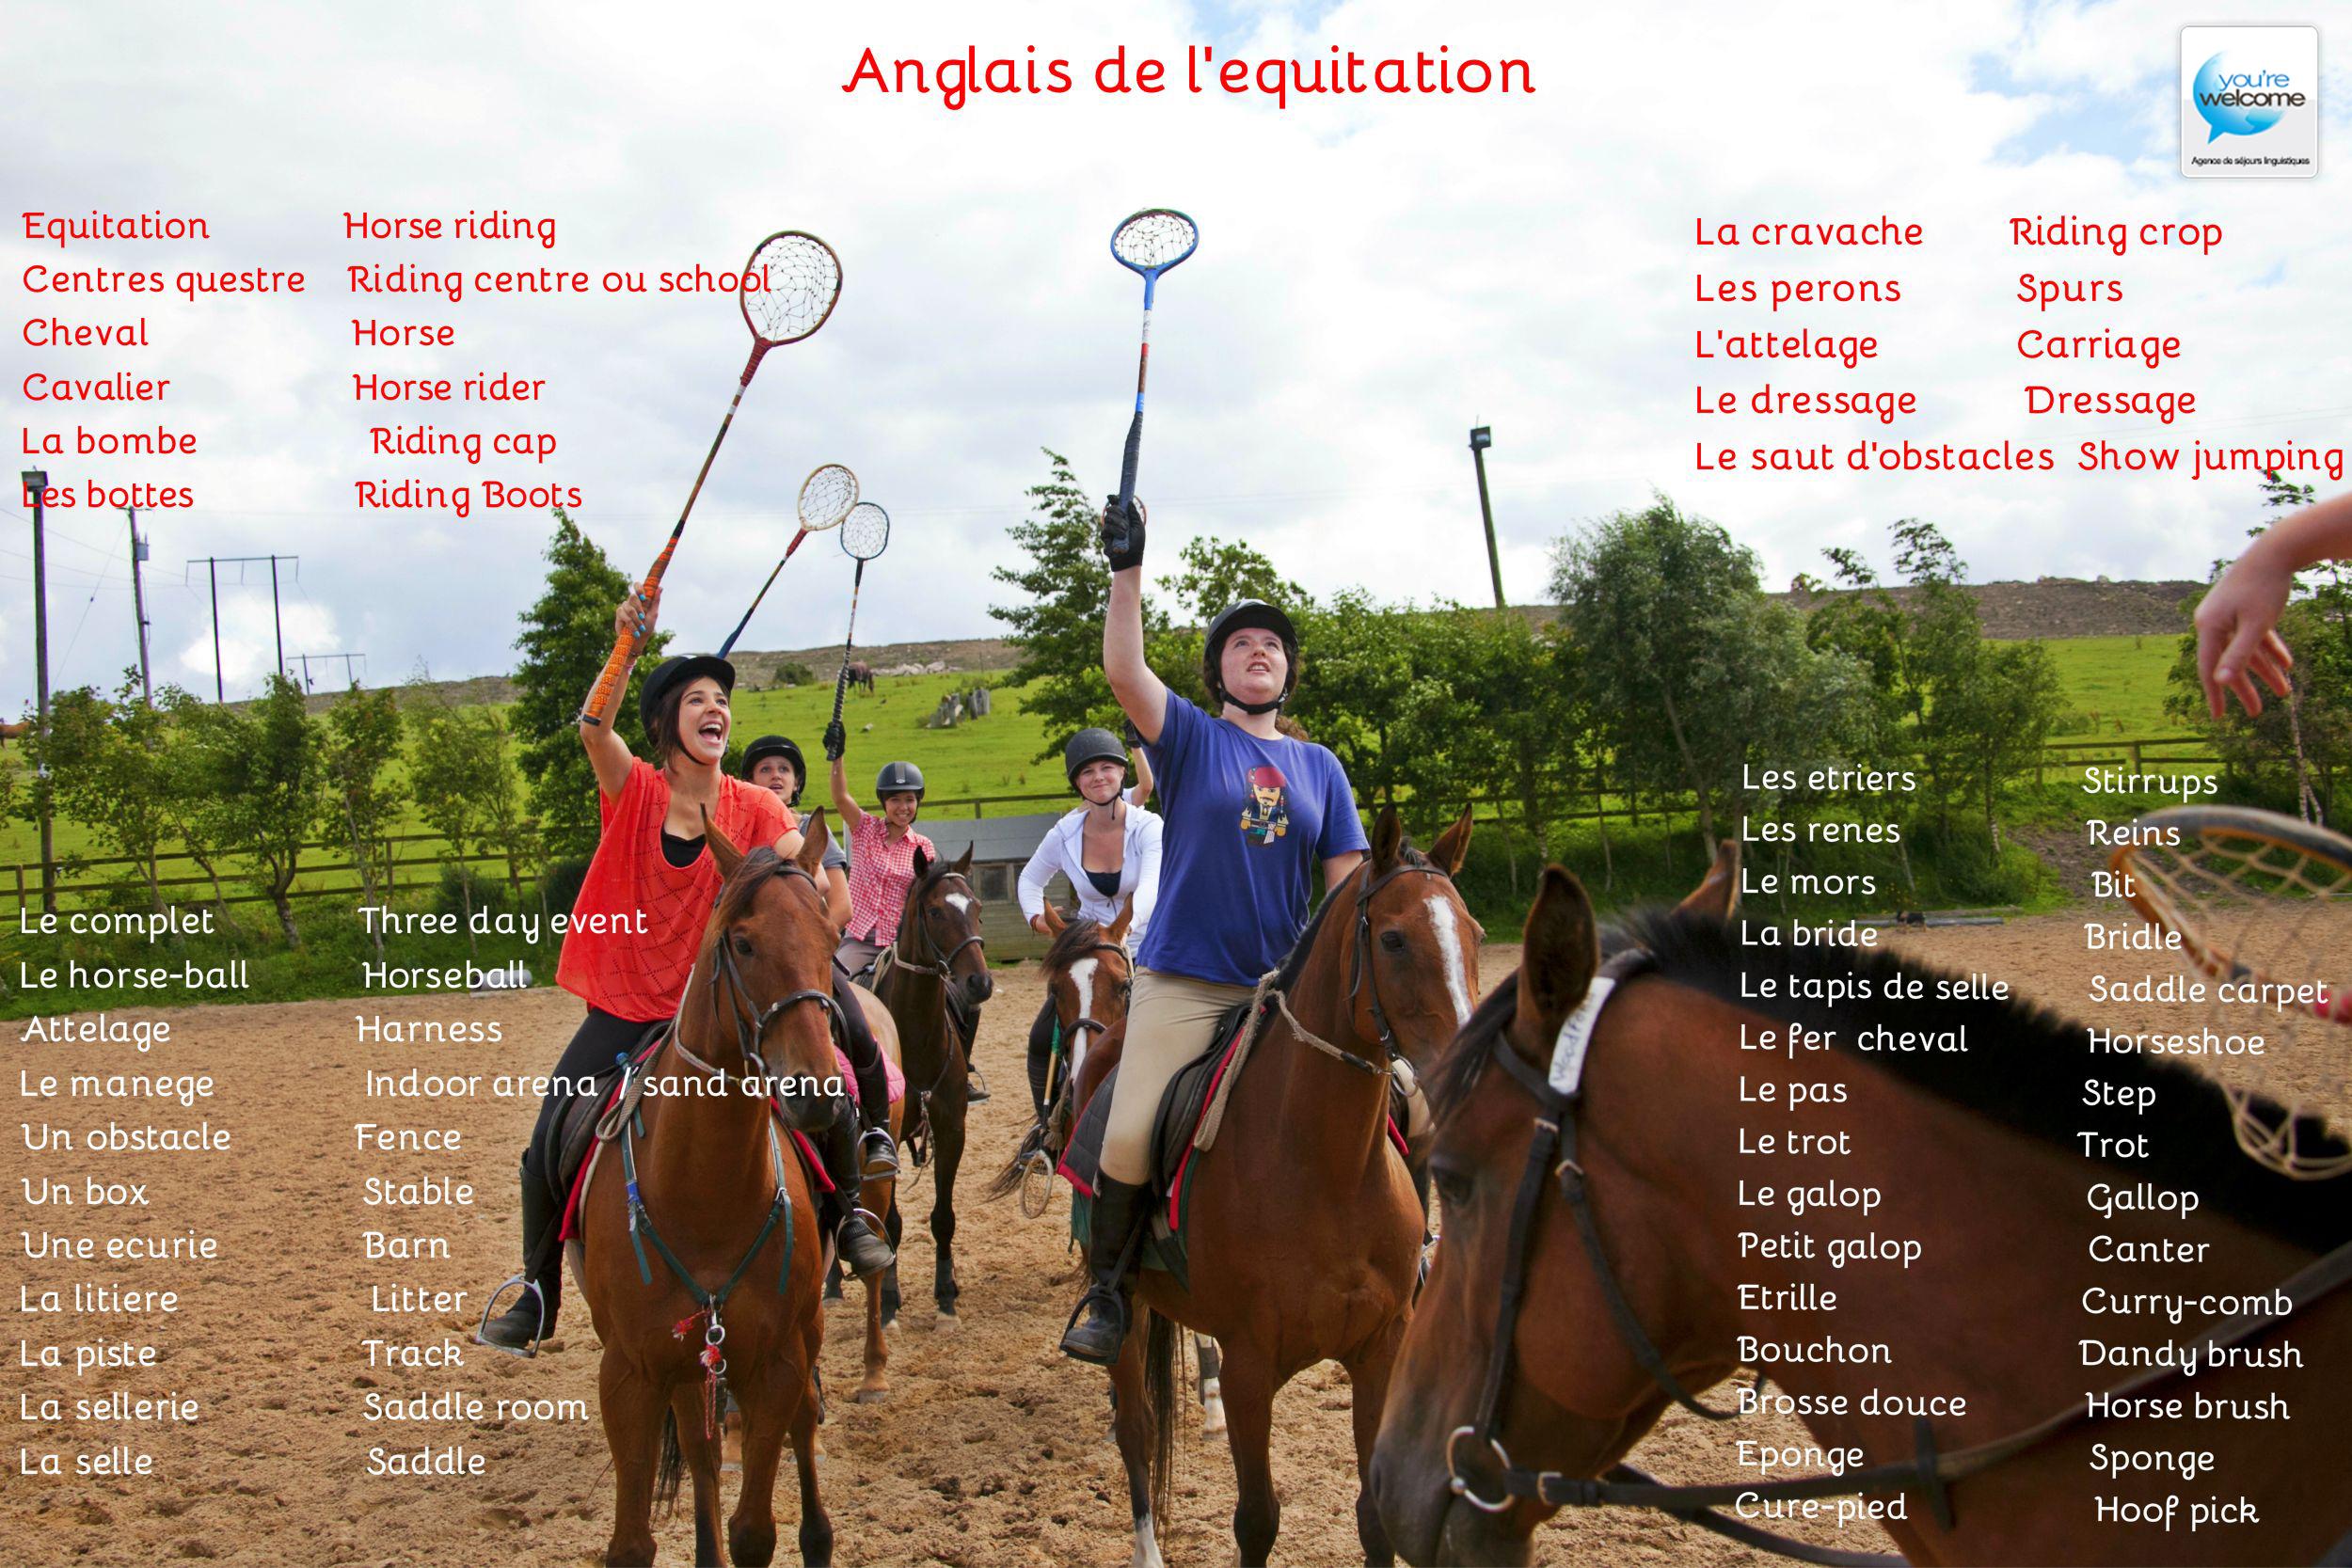 Anglais de l'équitation (2)